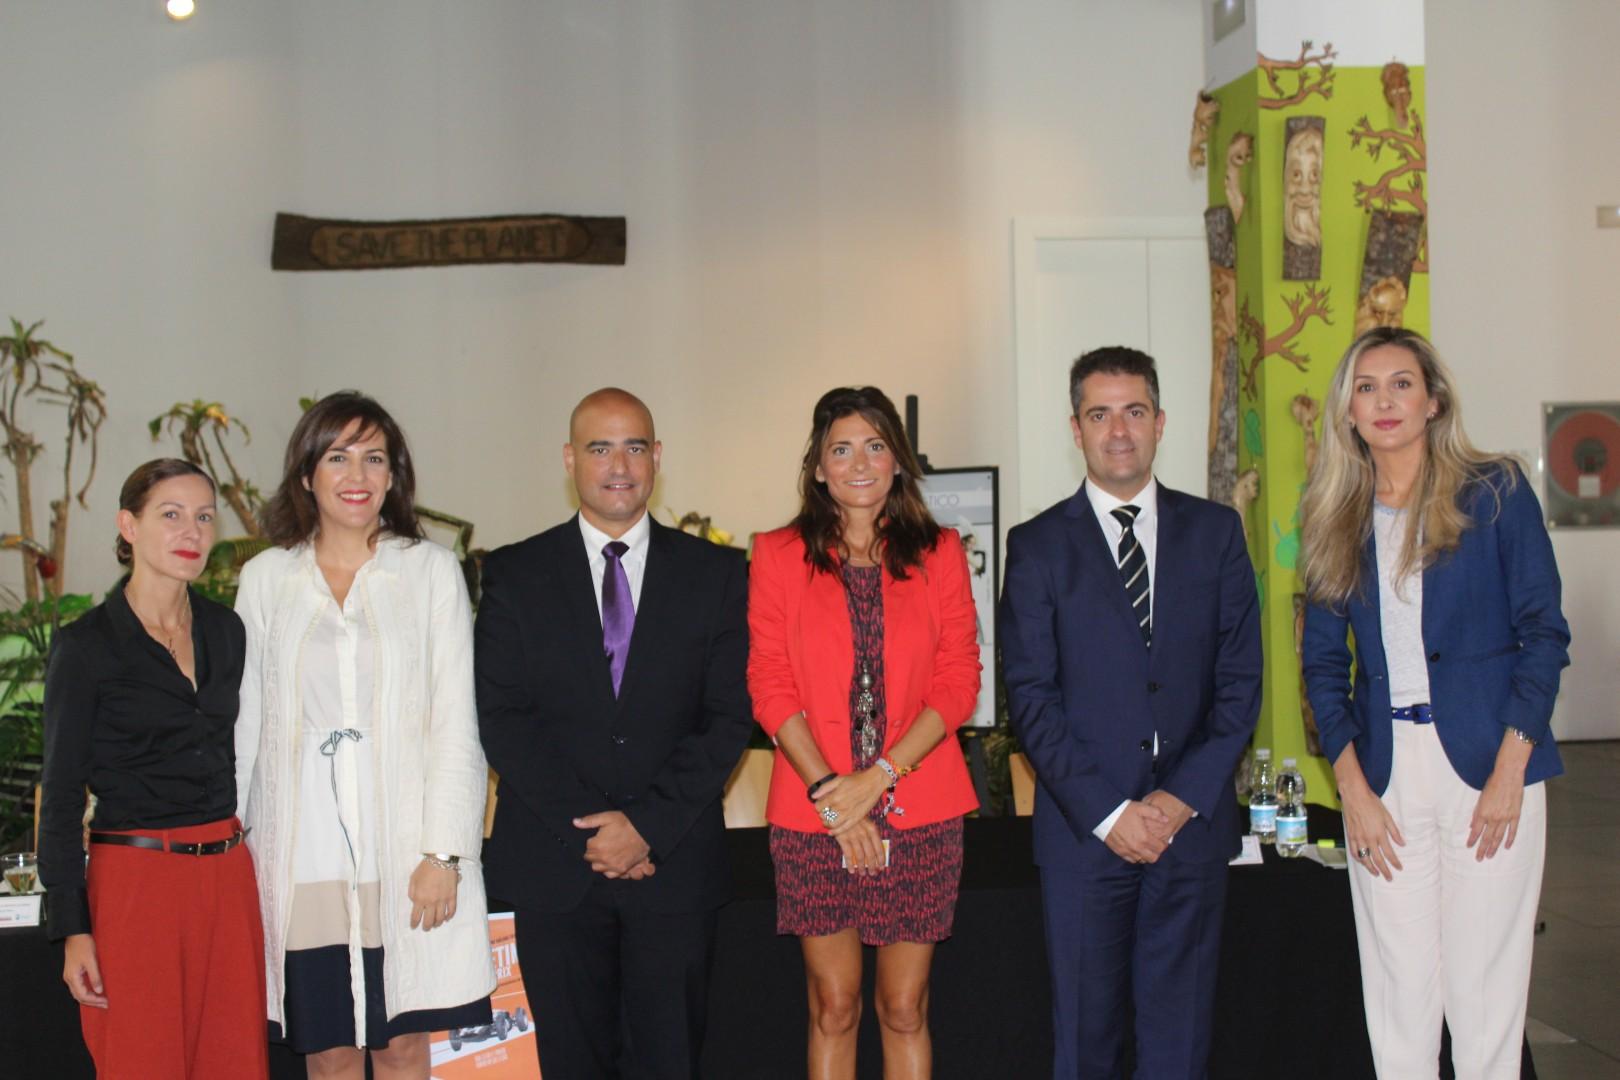 El Club de Marketing Málaga ha presentado en el MAM la VIII Edición de los Premios Anuales Club de Marketing Málaga